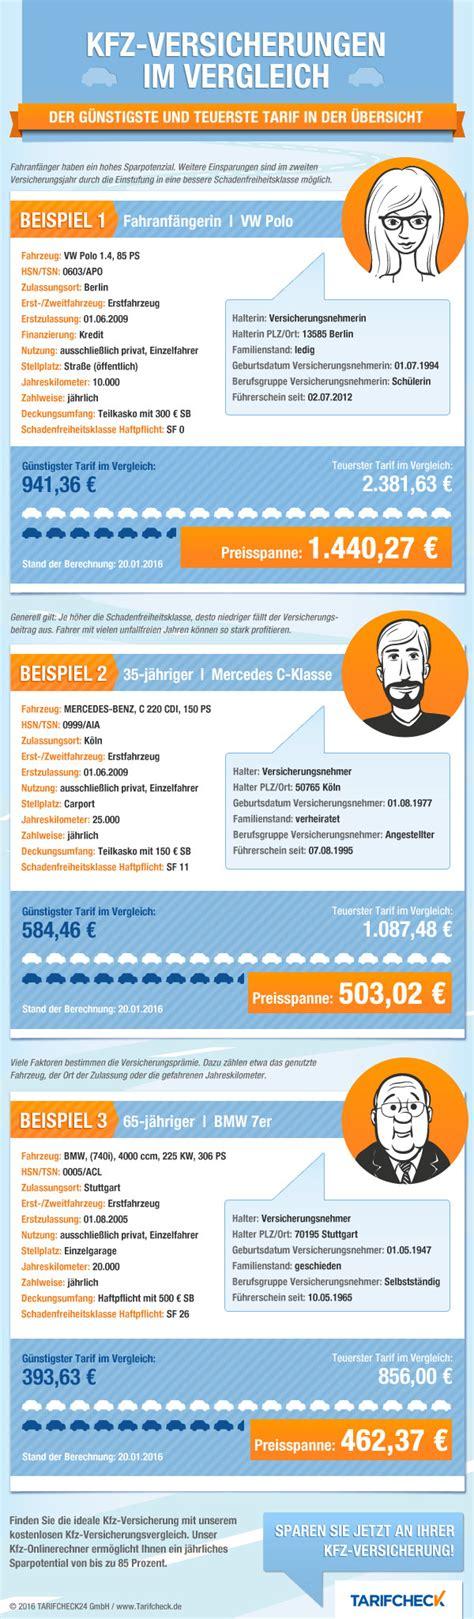 Auto Abgemeldet Versicherung Automatisch by Kfz Versicherung Vergleich Bis Zu 850 An